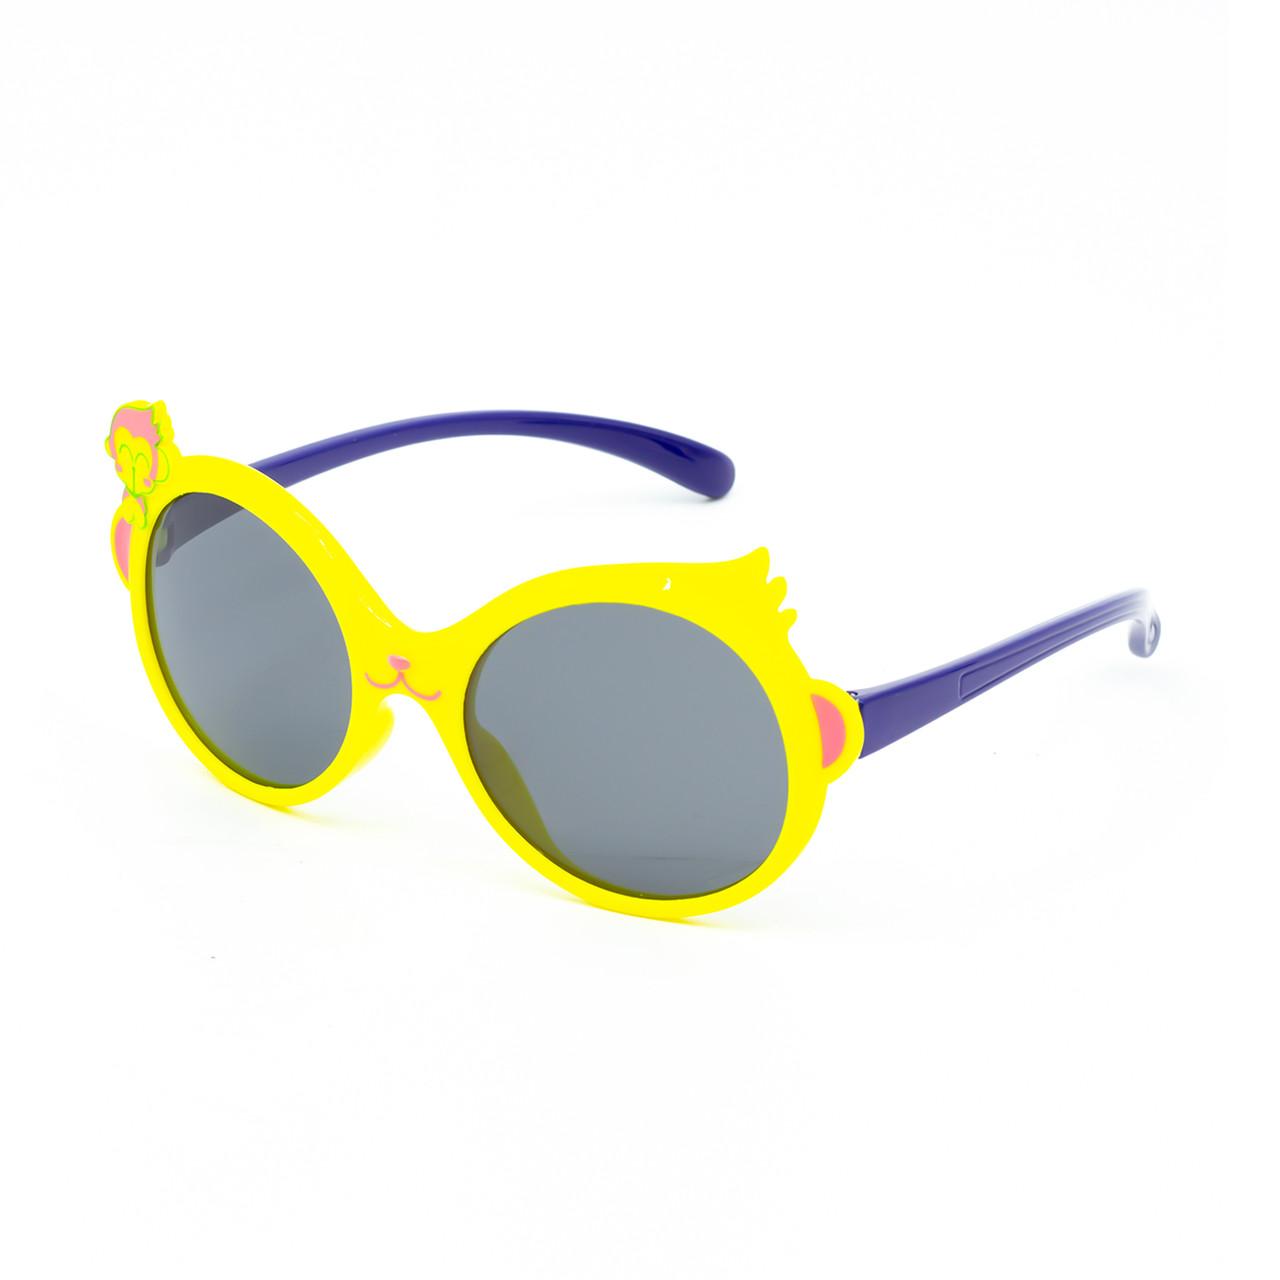 Солнцезащитные очки Marmilen P18145 C1 желтые с синим    ( KAP18145-01 )